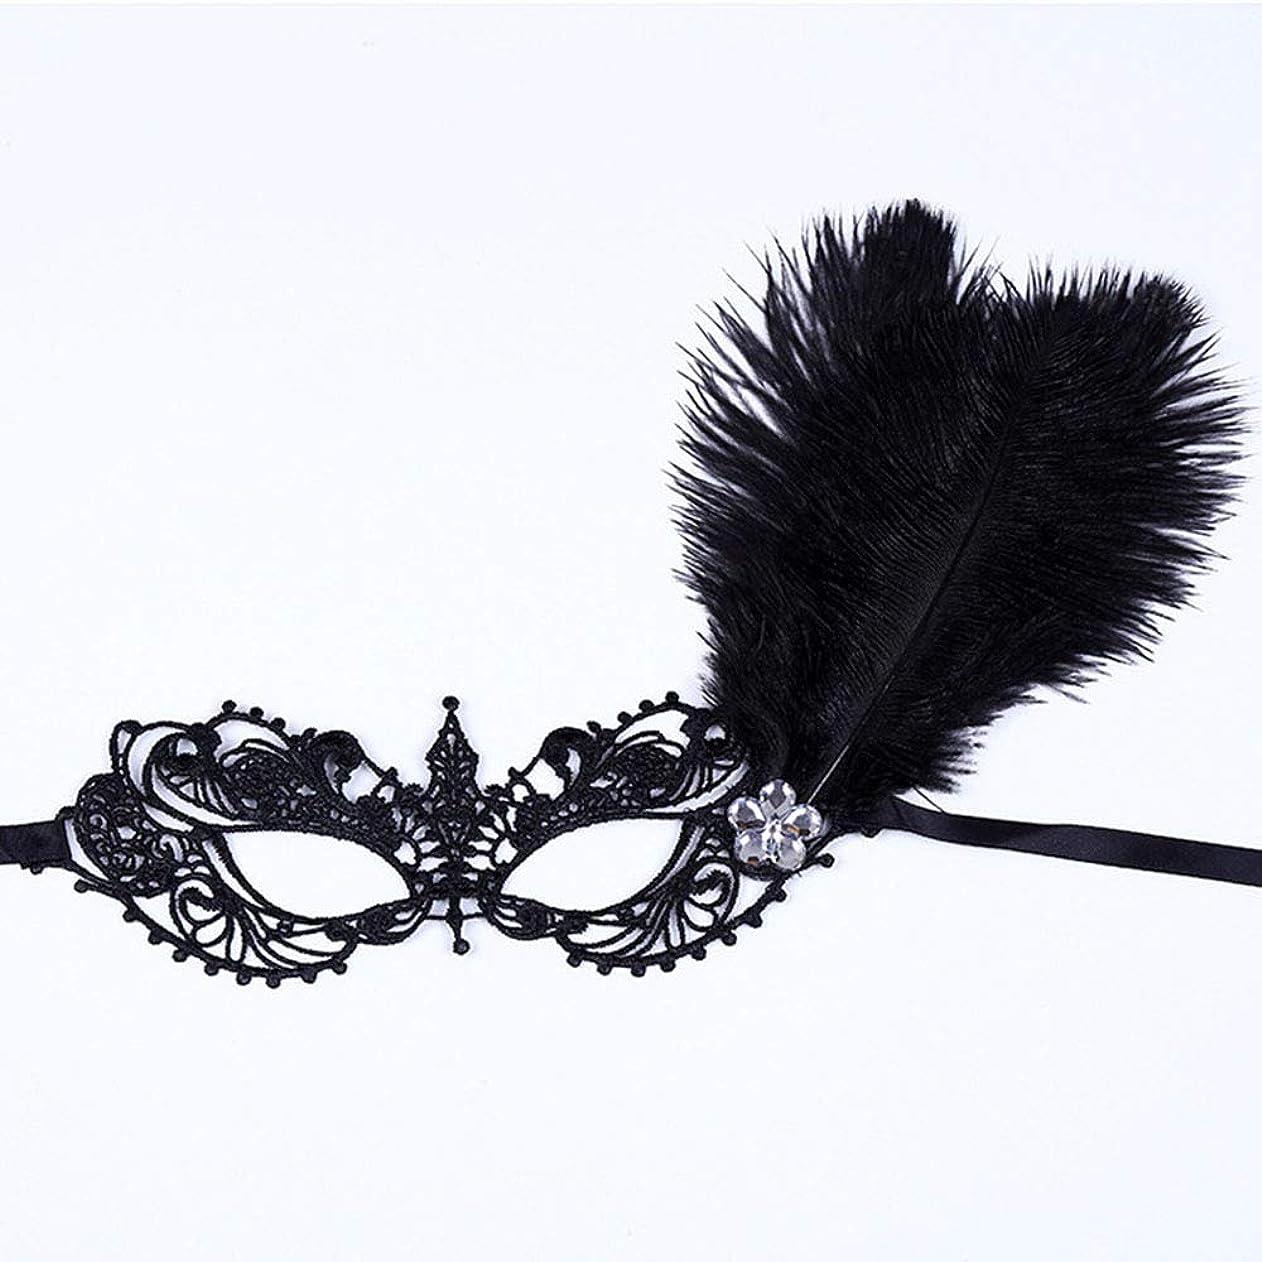 アウトドアメダリスト請願者仮面舞踏会の羽レースマスクキャットウォークパーティーセクシーなハロウィーンマスクブラック